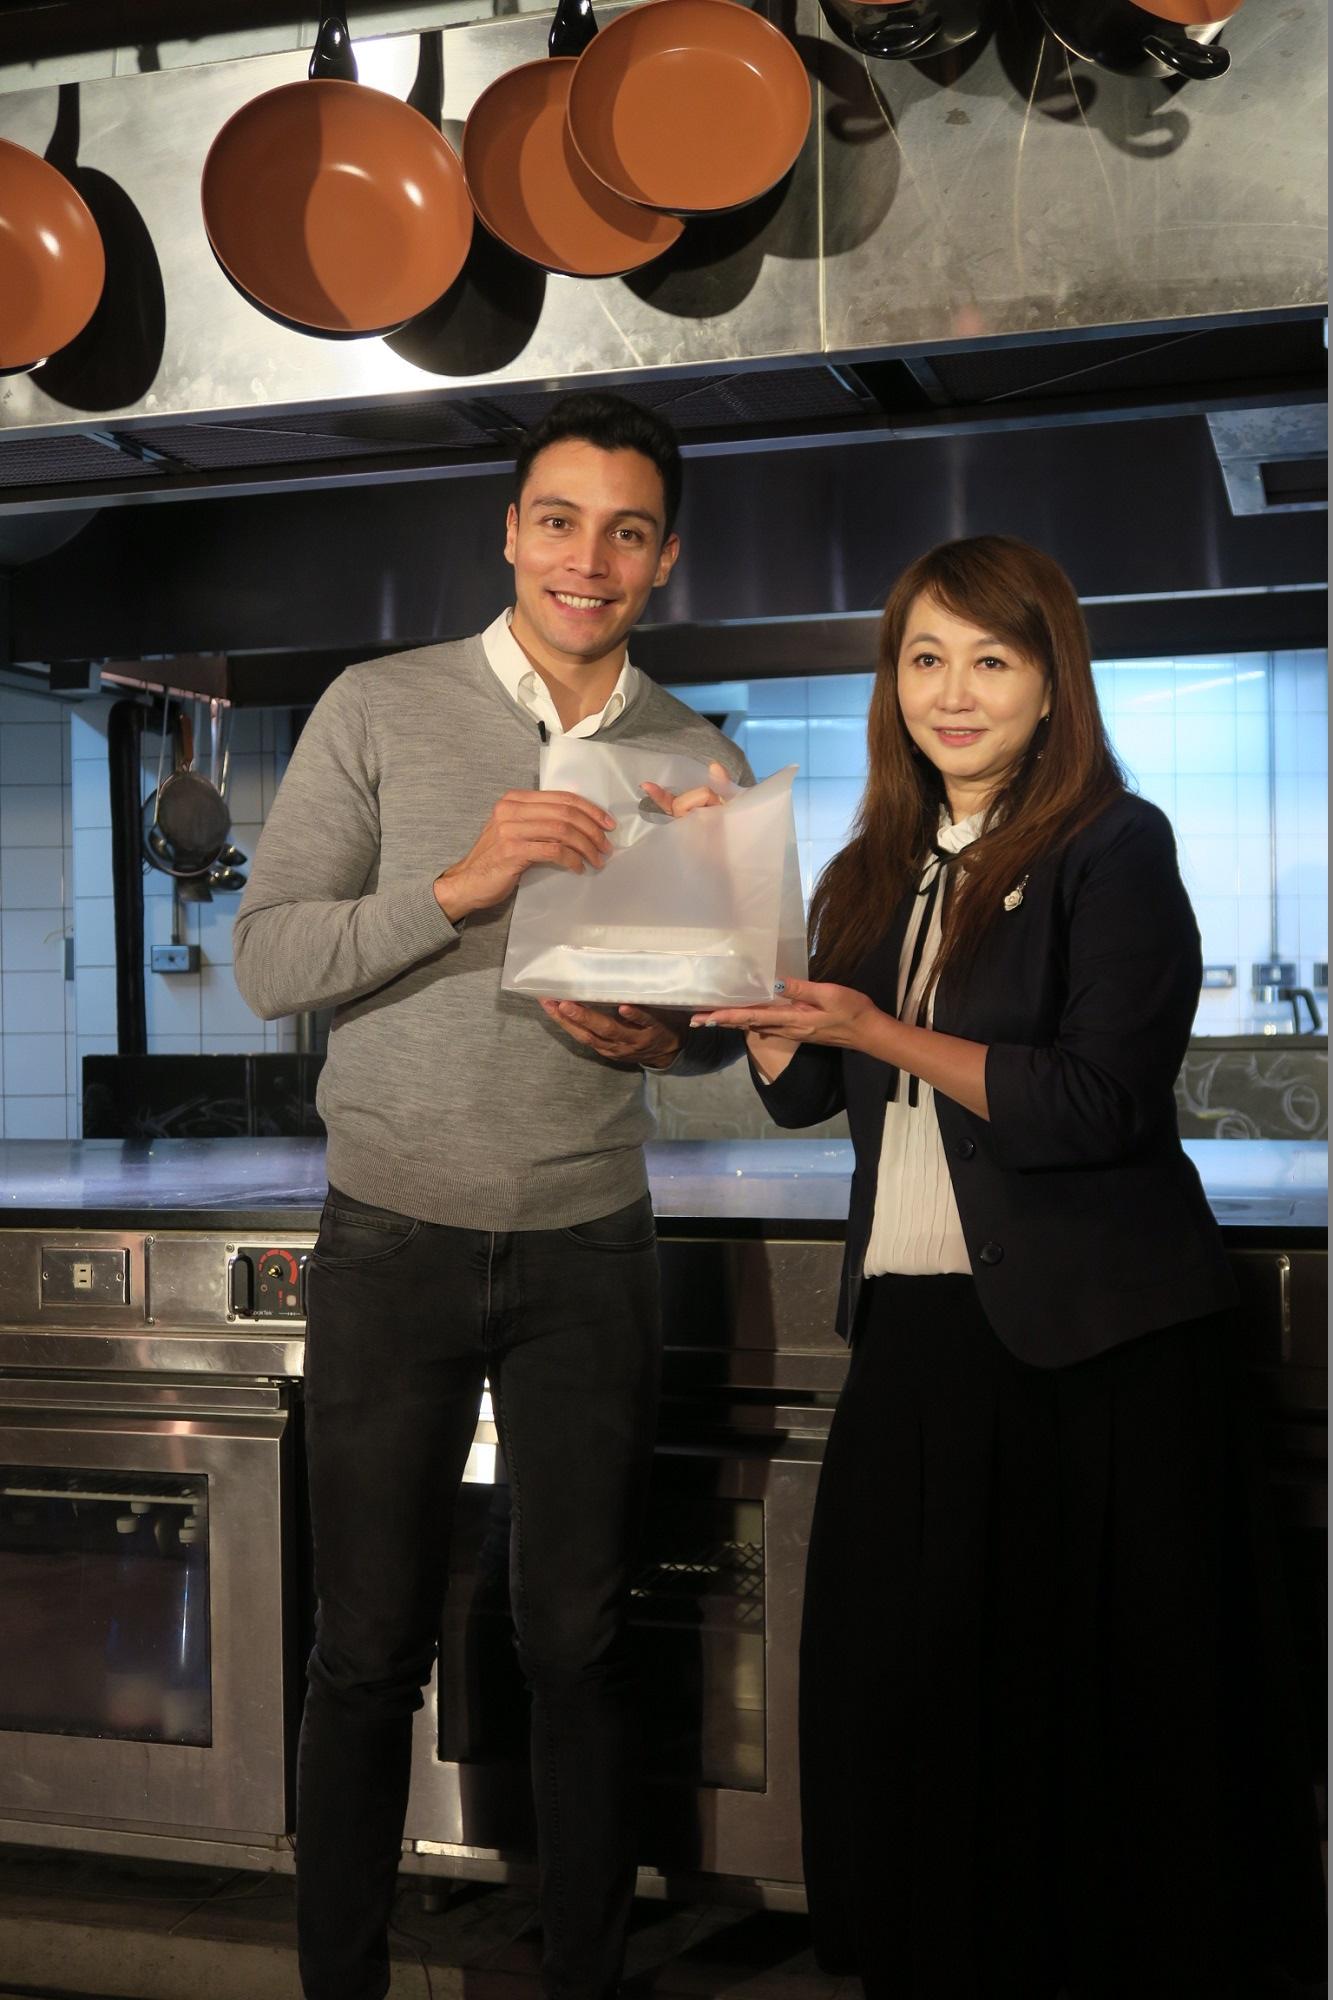 受到觀光傳播局局長簡余晏(右1)熱情的歡迎,席格表示感受到臺北的活力與熱忱。